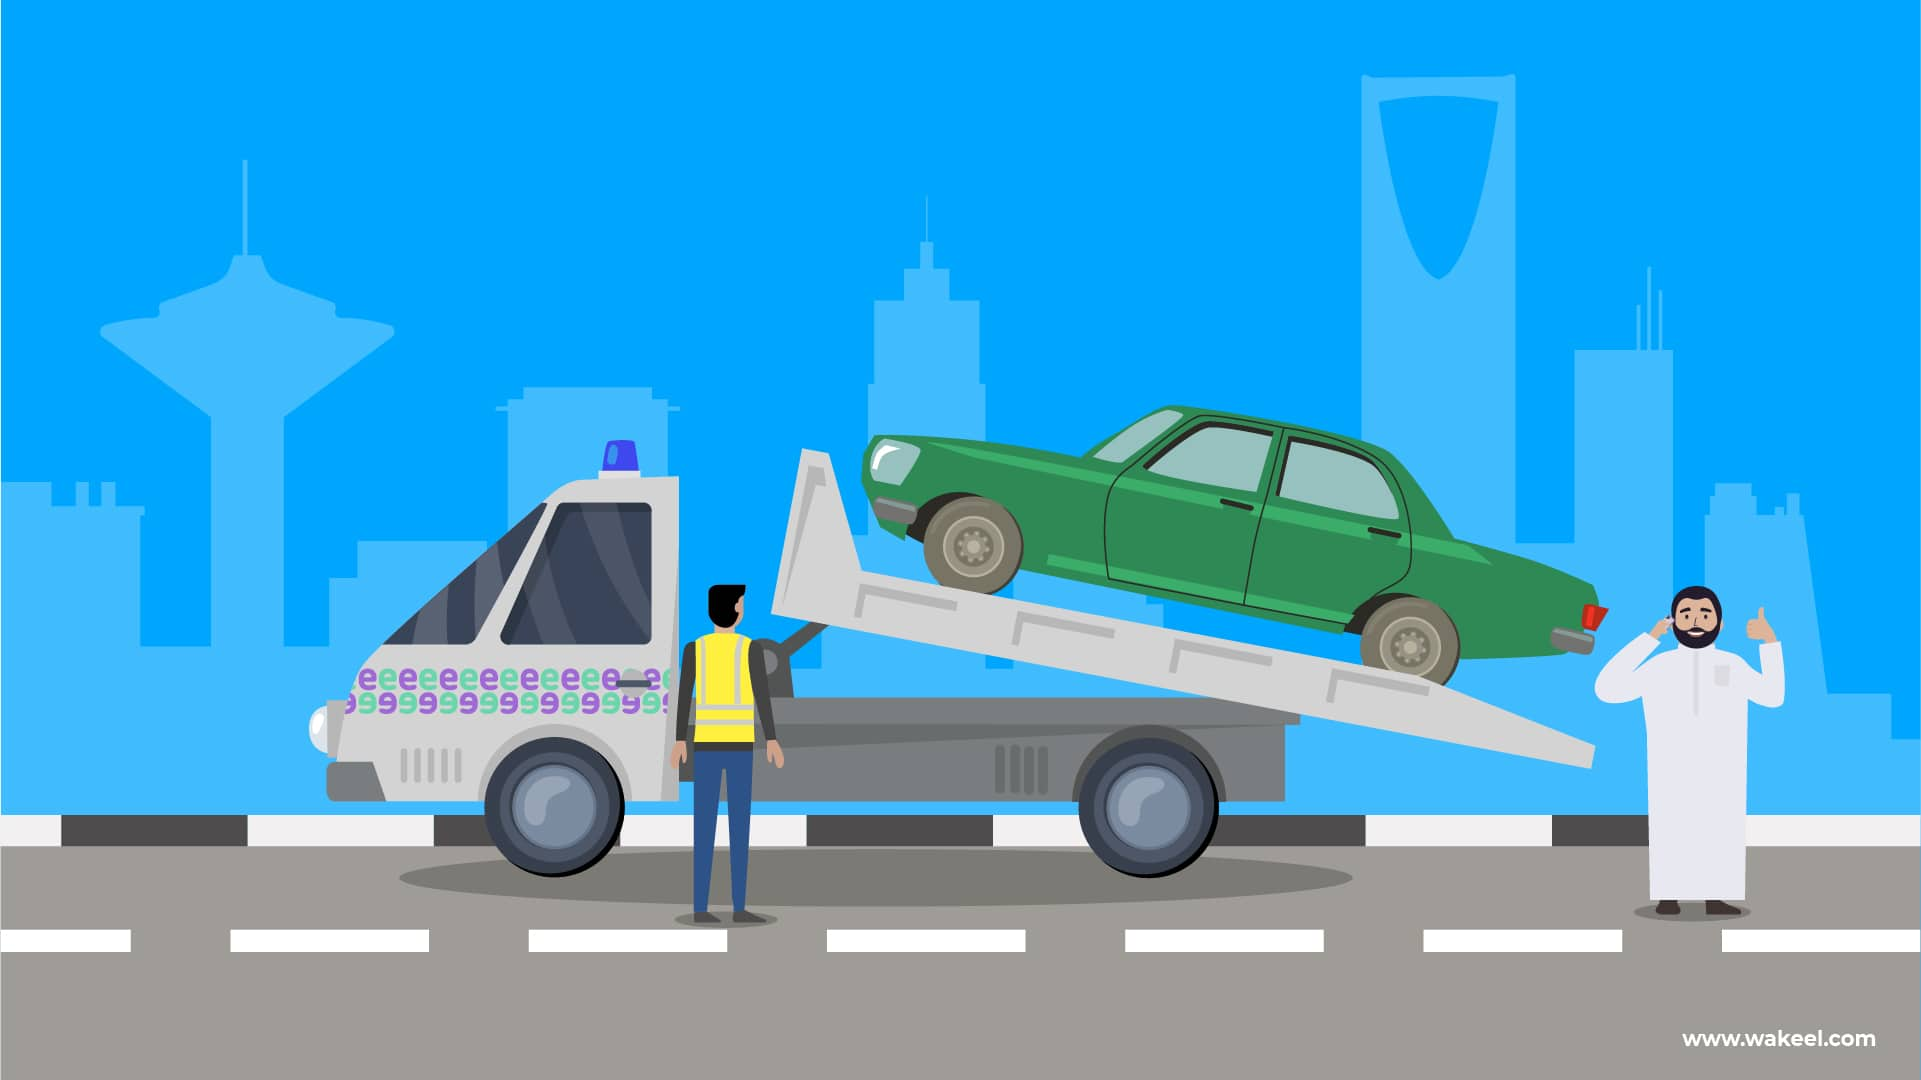 هل تُعد ميزة سحب السيارات المضافة ضرورةً؟